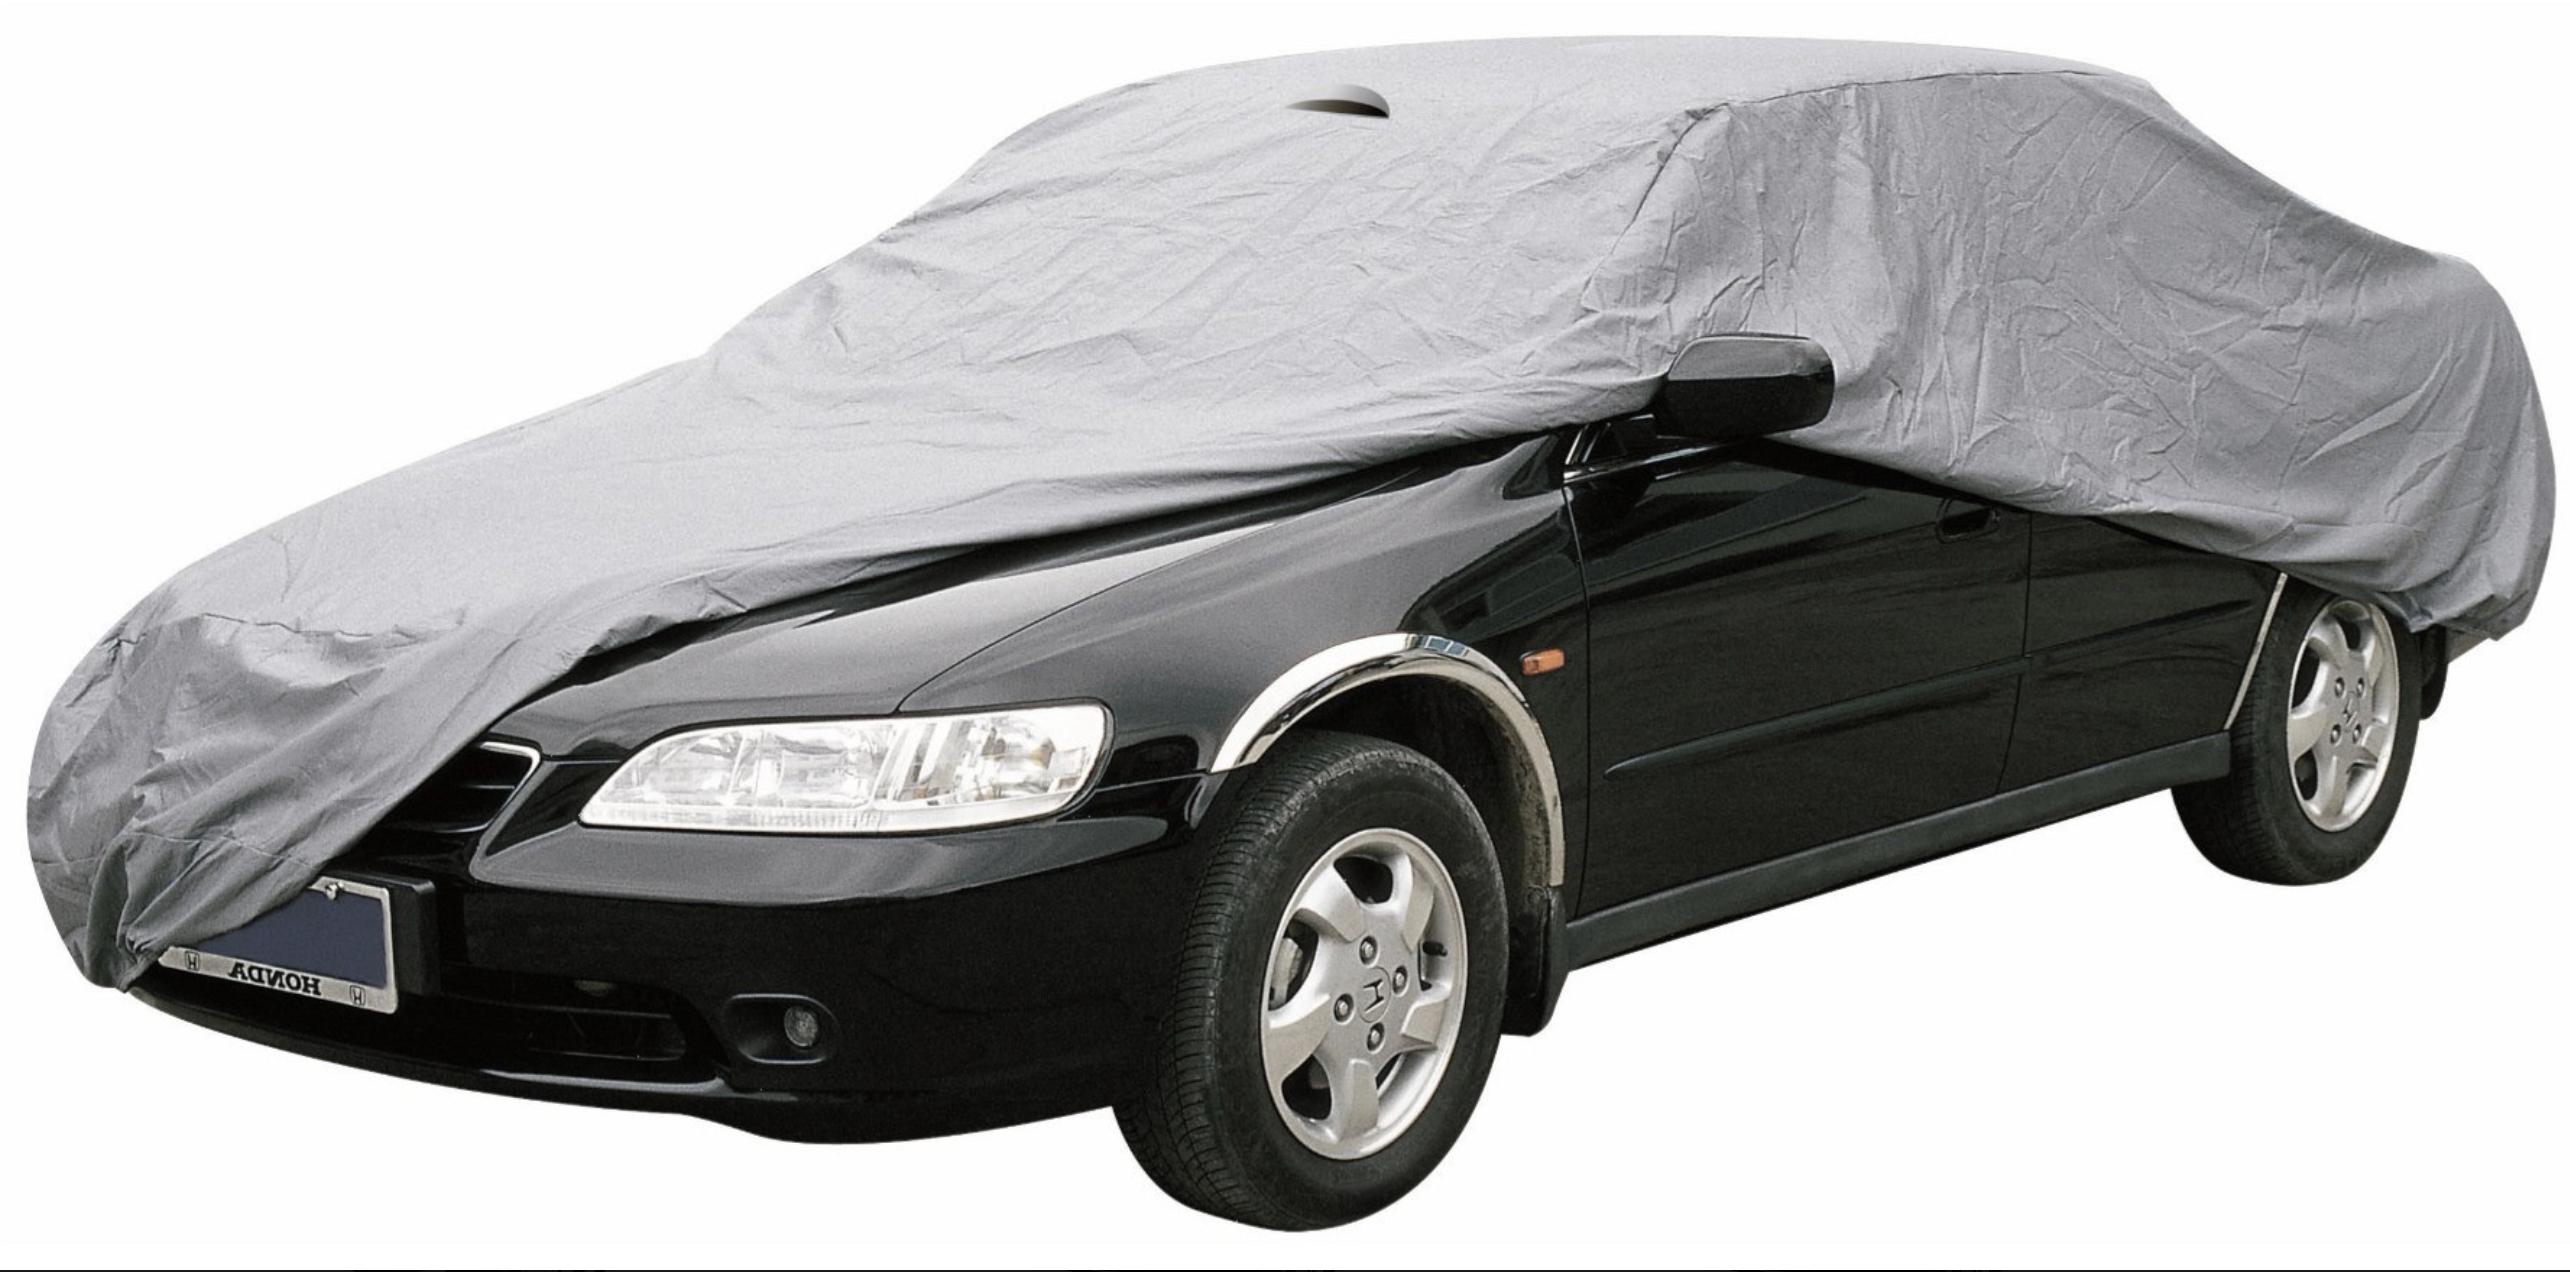 JMQCXD Housses pour Auto Compatible avec Chevrolet SSR Convertible Car Cover Outdoor antipluie Personnalit/é imperm/éable Snowproof Tissu Oxford Fashion Sunscreen Car Cover Color : Black